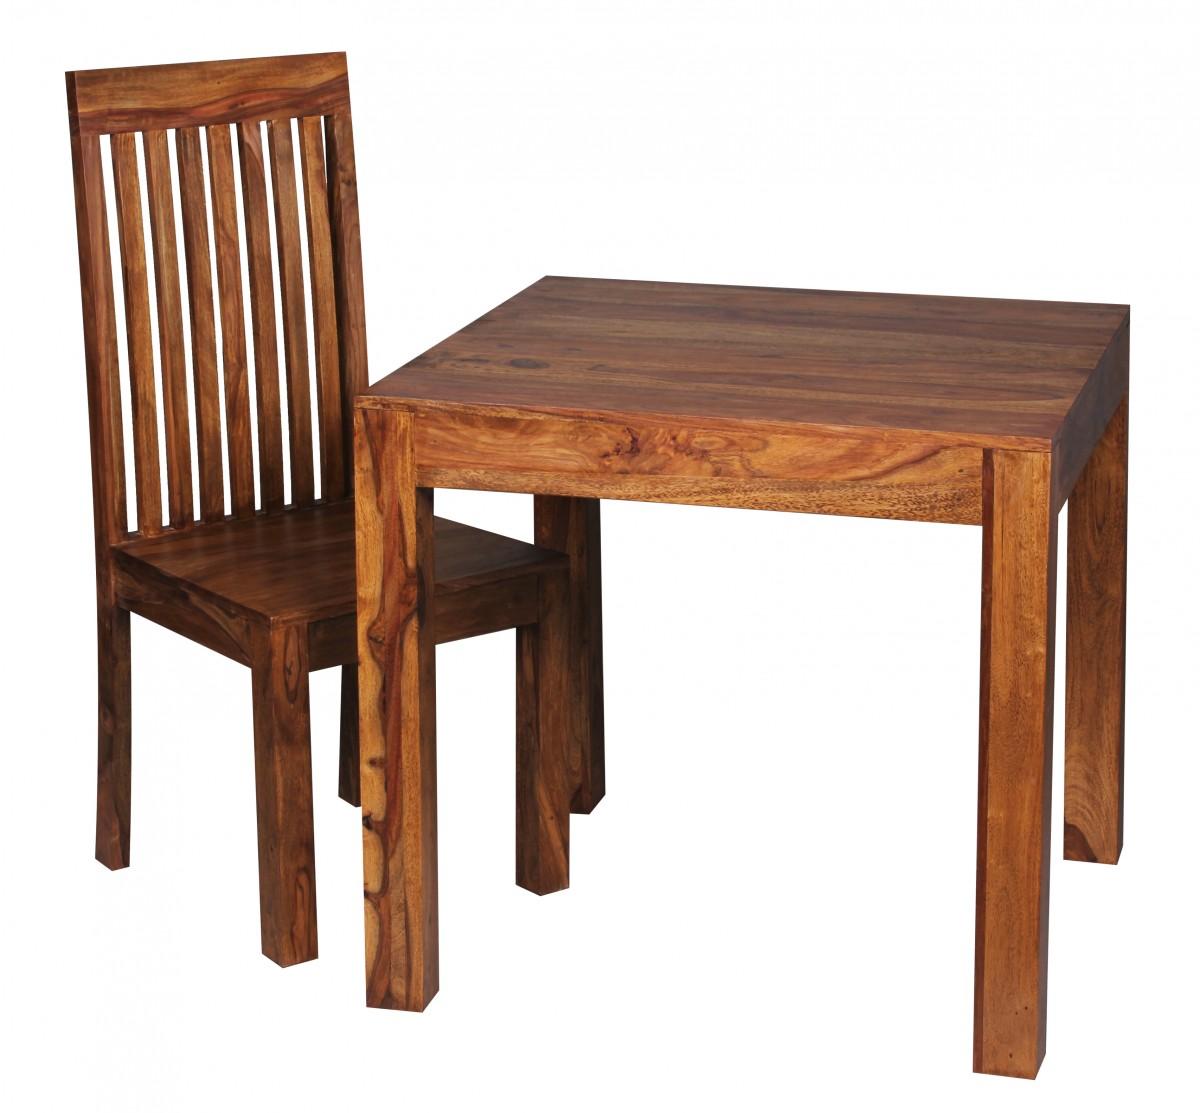 Wohnling design esstisch quadratisch 80x80cm massivholz for Design tisch quadratisch